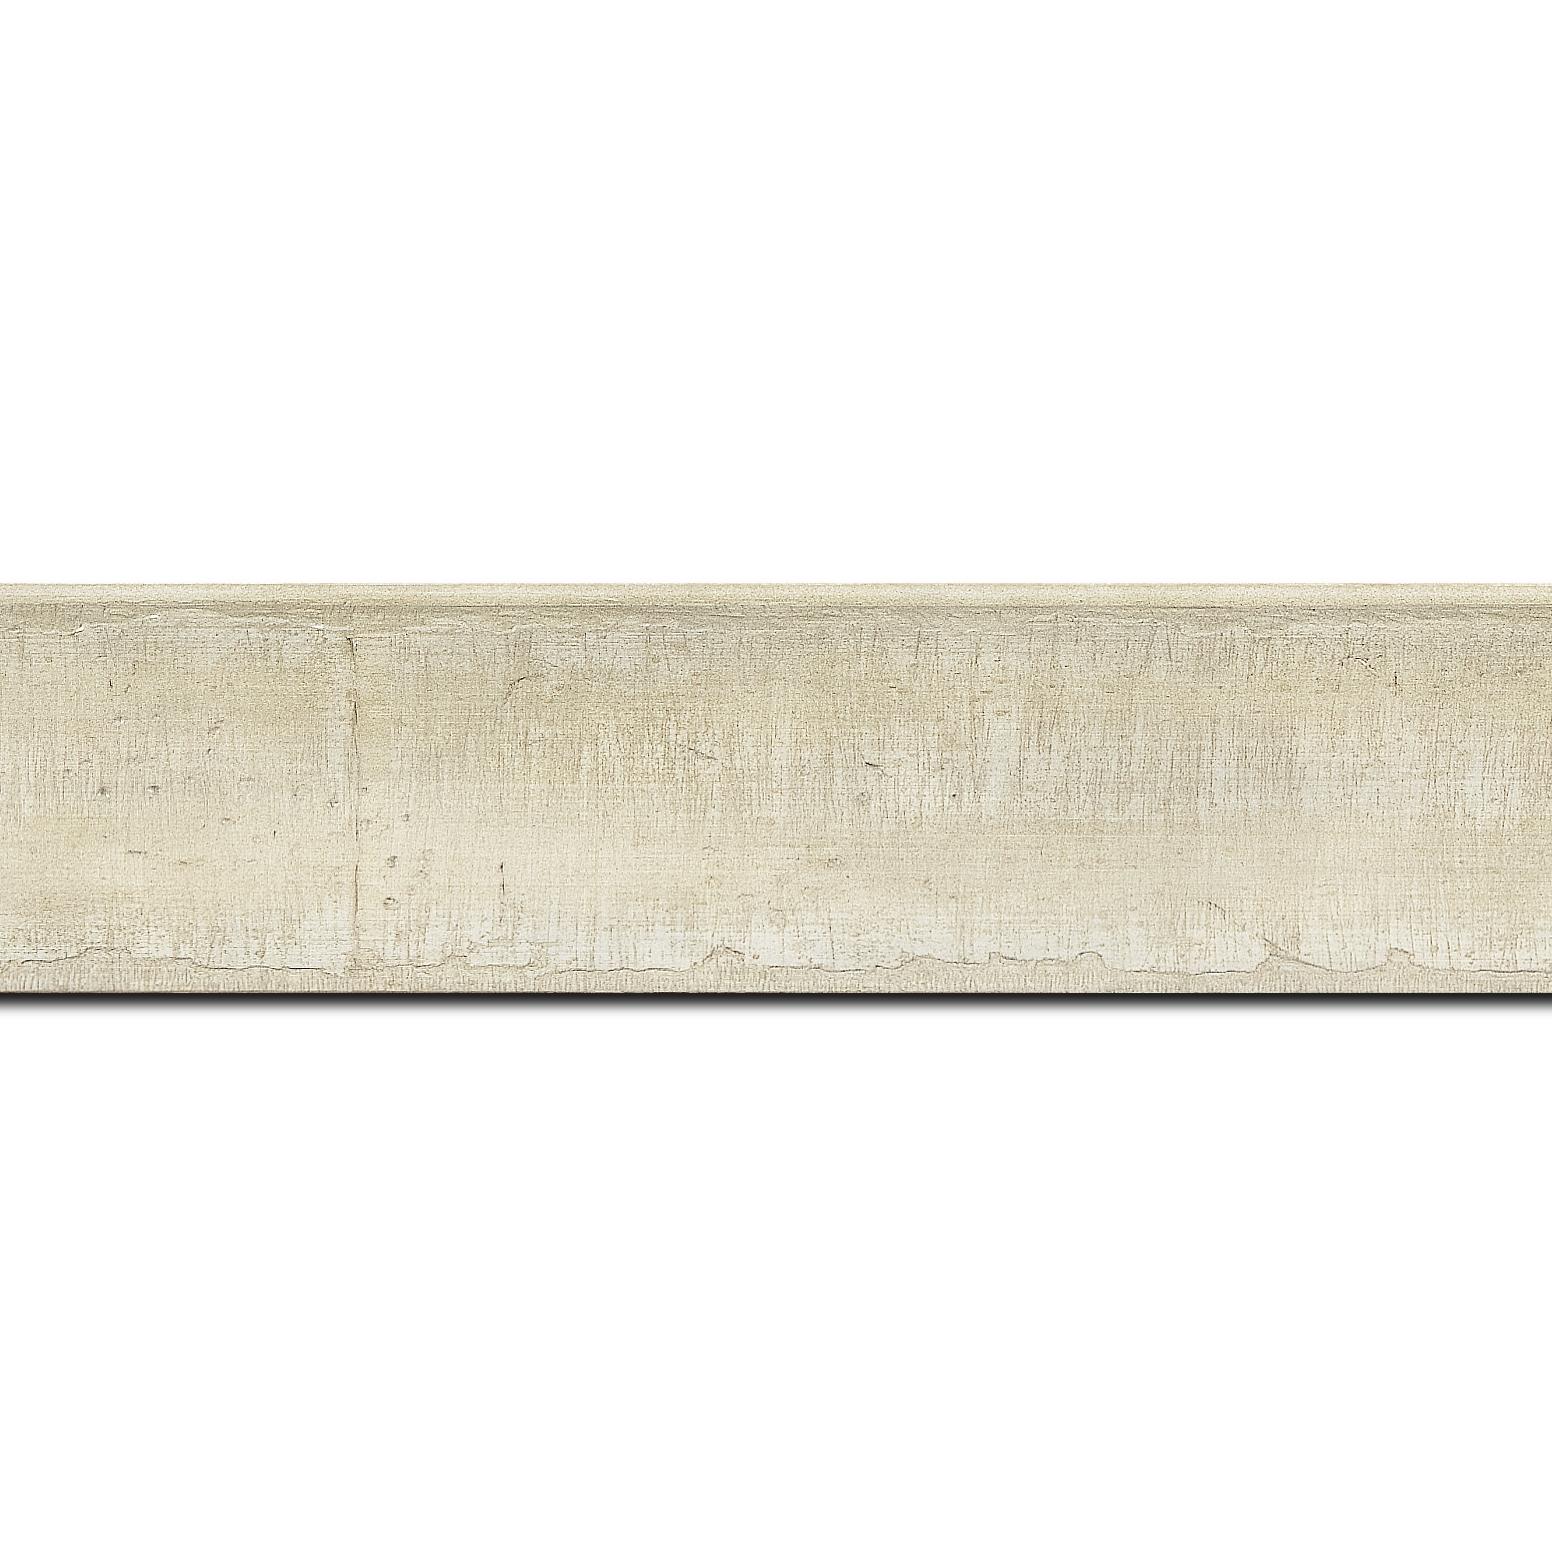 Pack par 12m, bois profil incurvé largeur 4.1cm couleur crème effet plaquage (longueur baguette pouvant varier entre 2.40m et 3m selon arrivage des bois)